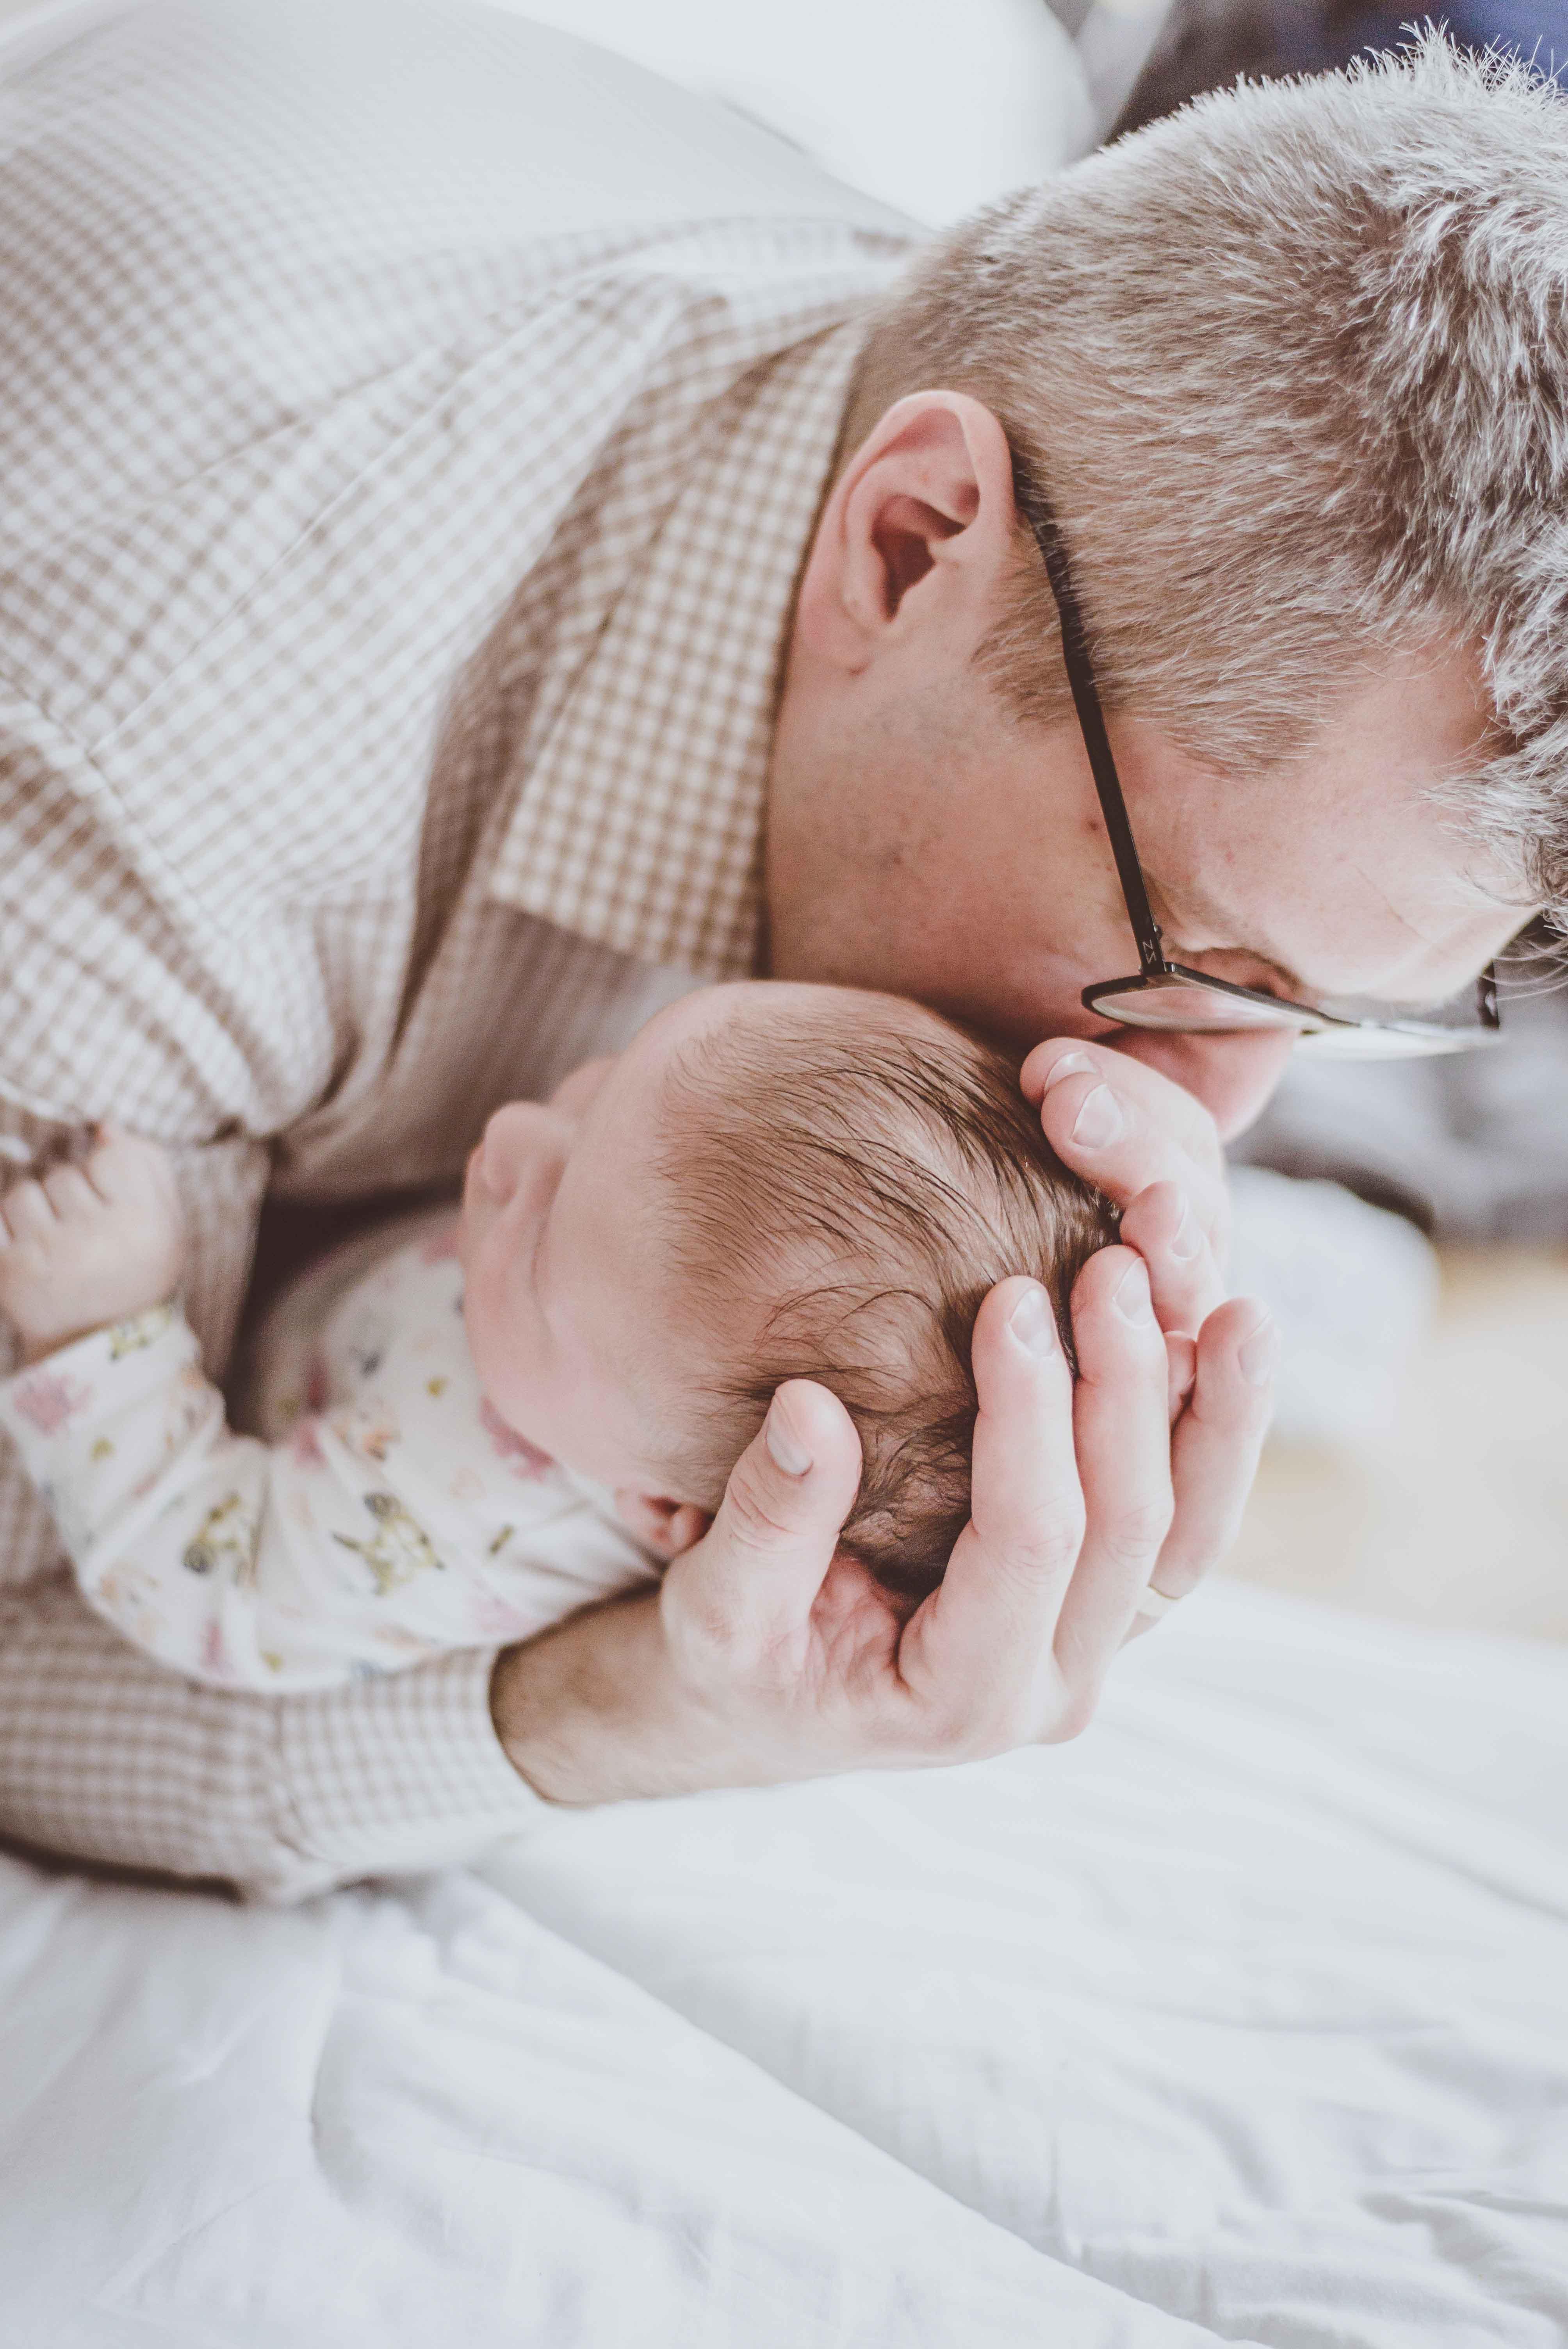 sesja-rodzinna-dzieck-newborn-wroclaw-okonasznurku (27)